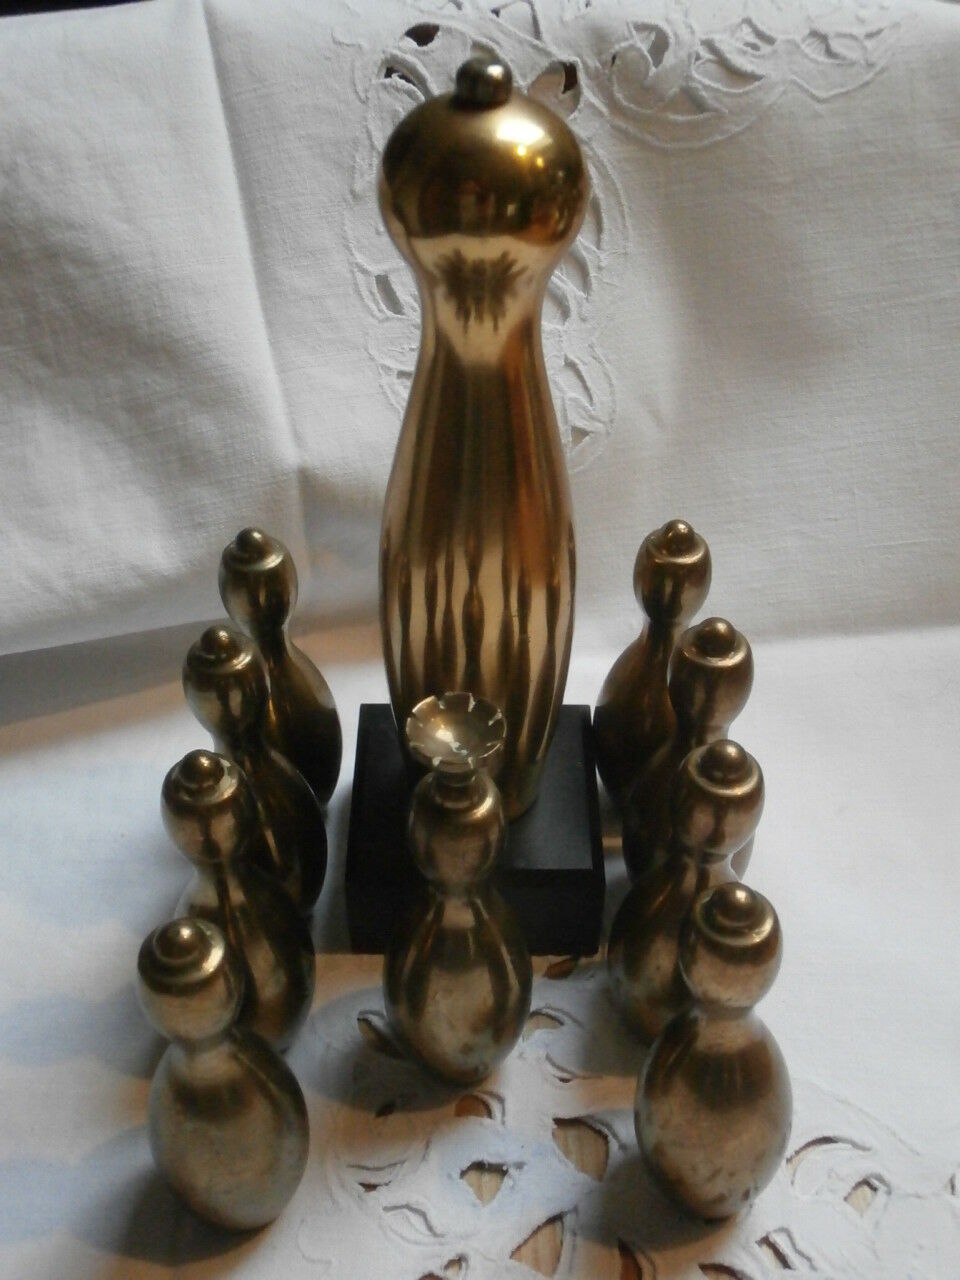 Vintage kegelverein raíz mesa kegelpins masivamente de latón trofeo coleccionista rareza